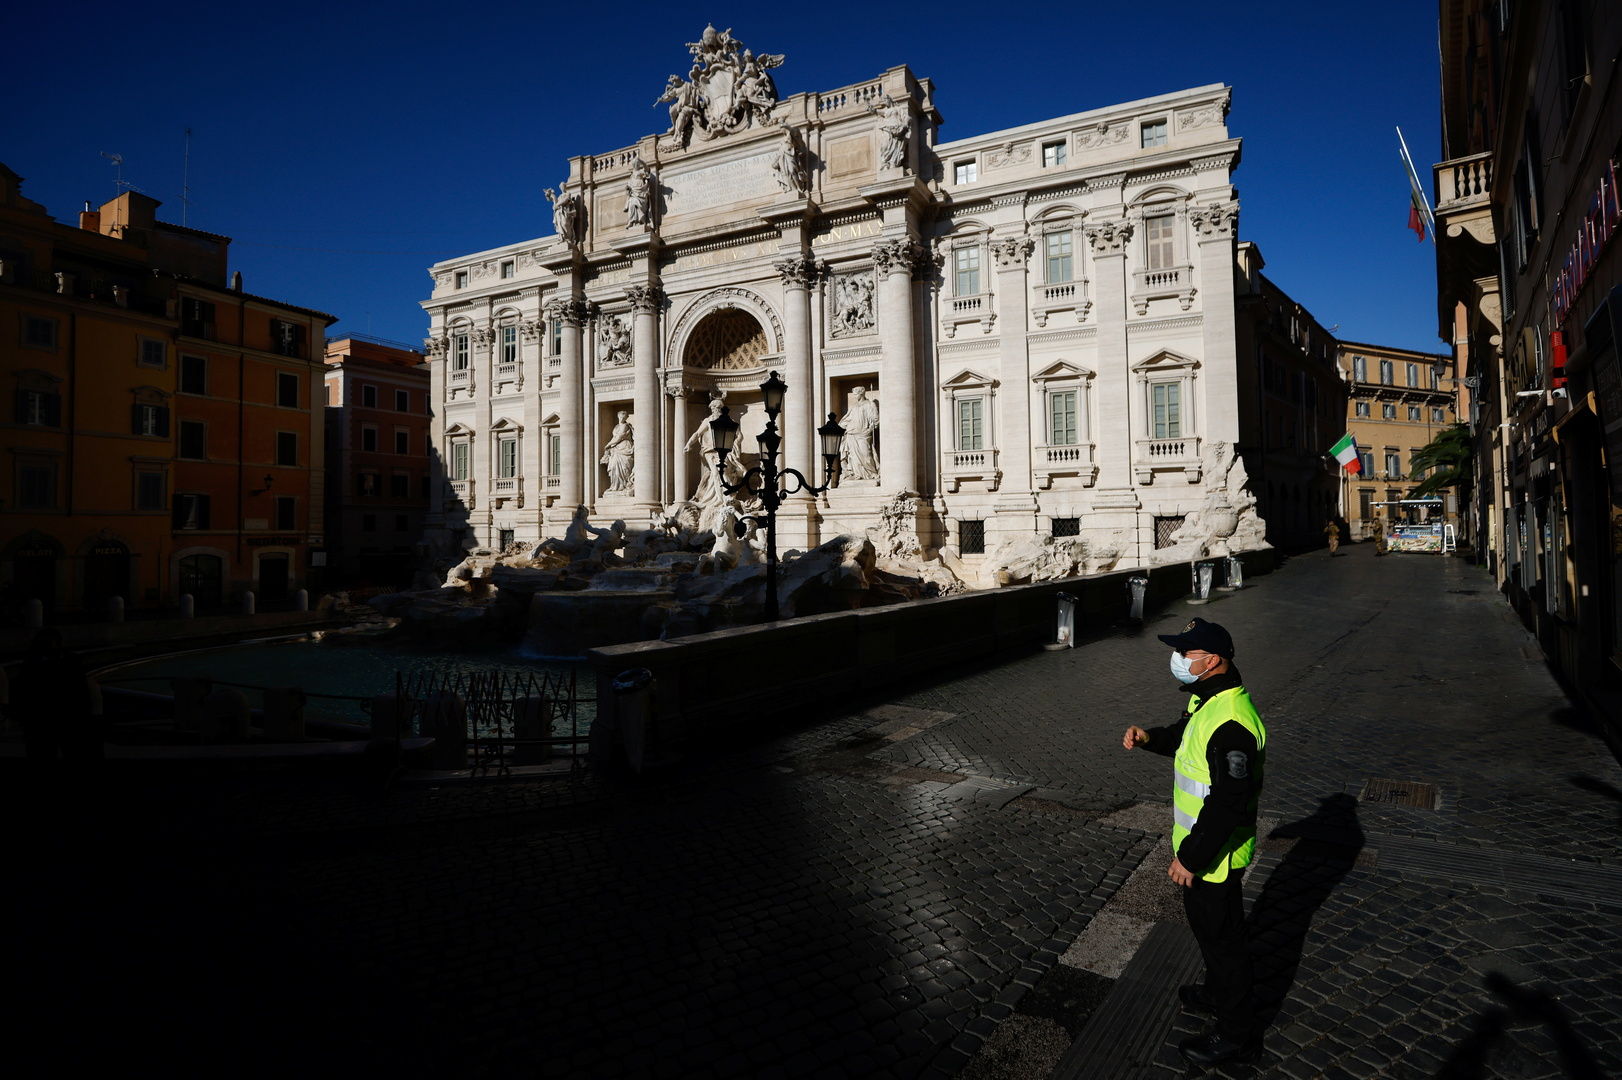 إيطاليا.. 348 وفاة وأكثر من 10 آلاف إصابة جديدة بكورونا